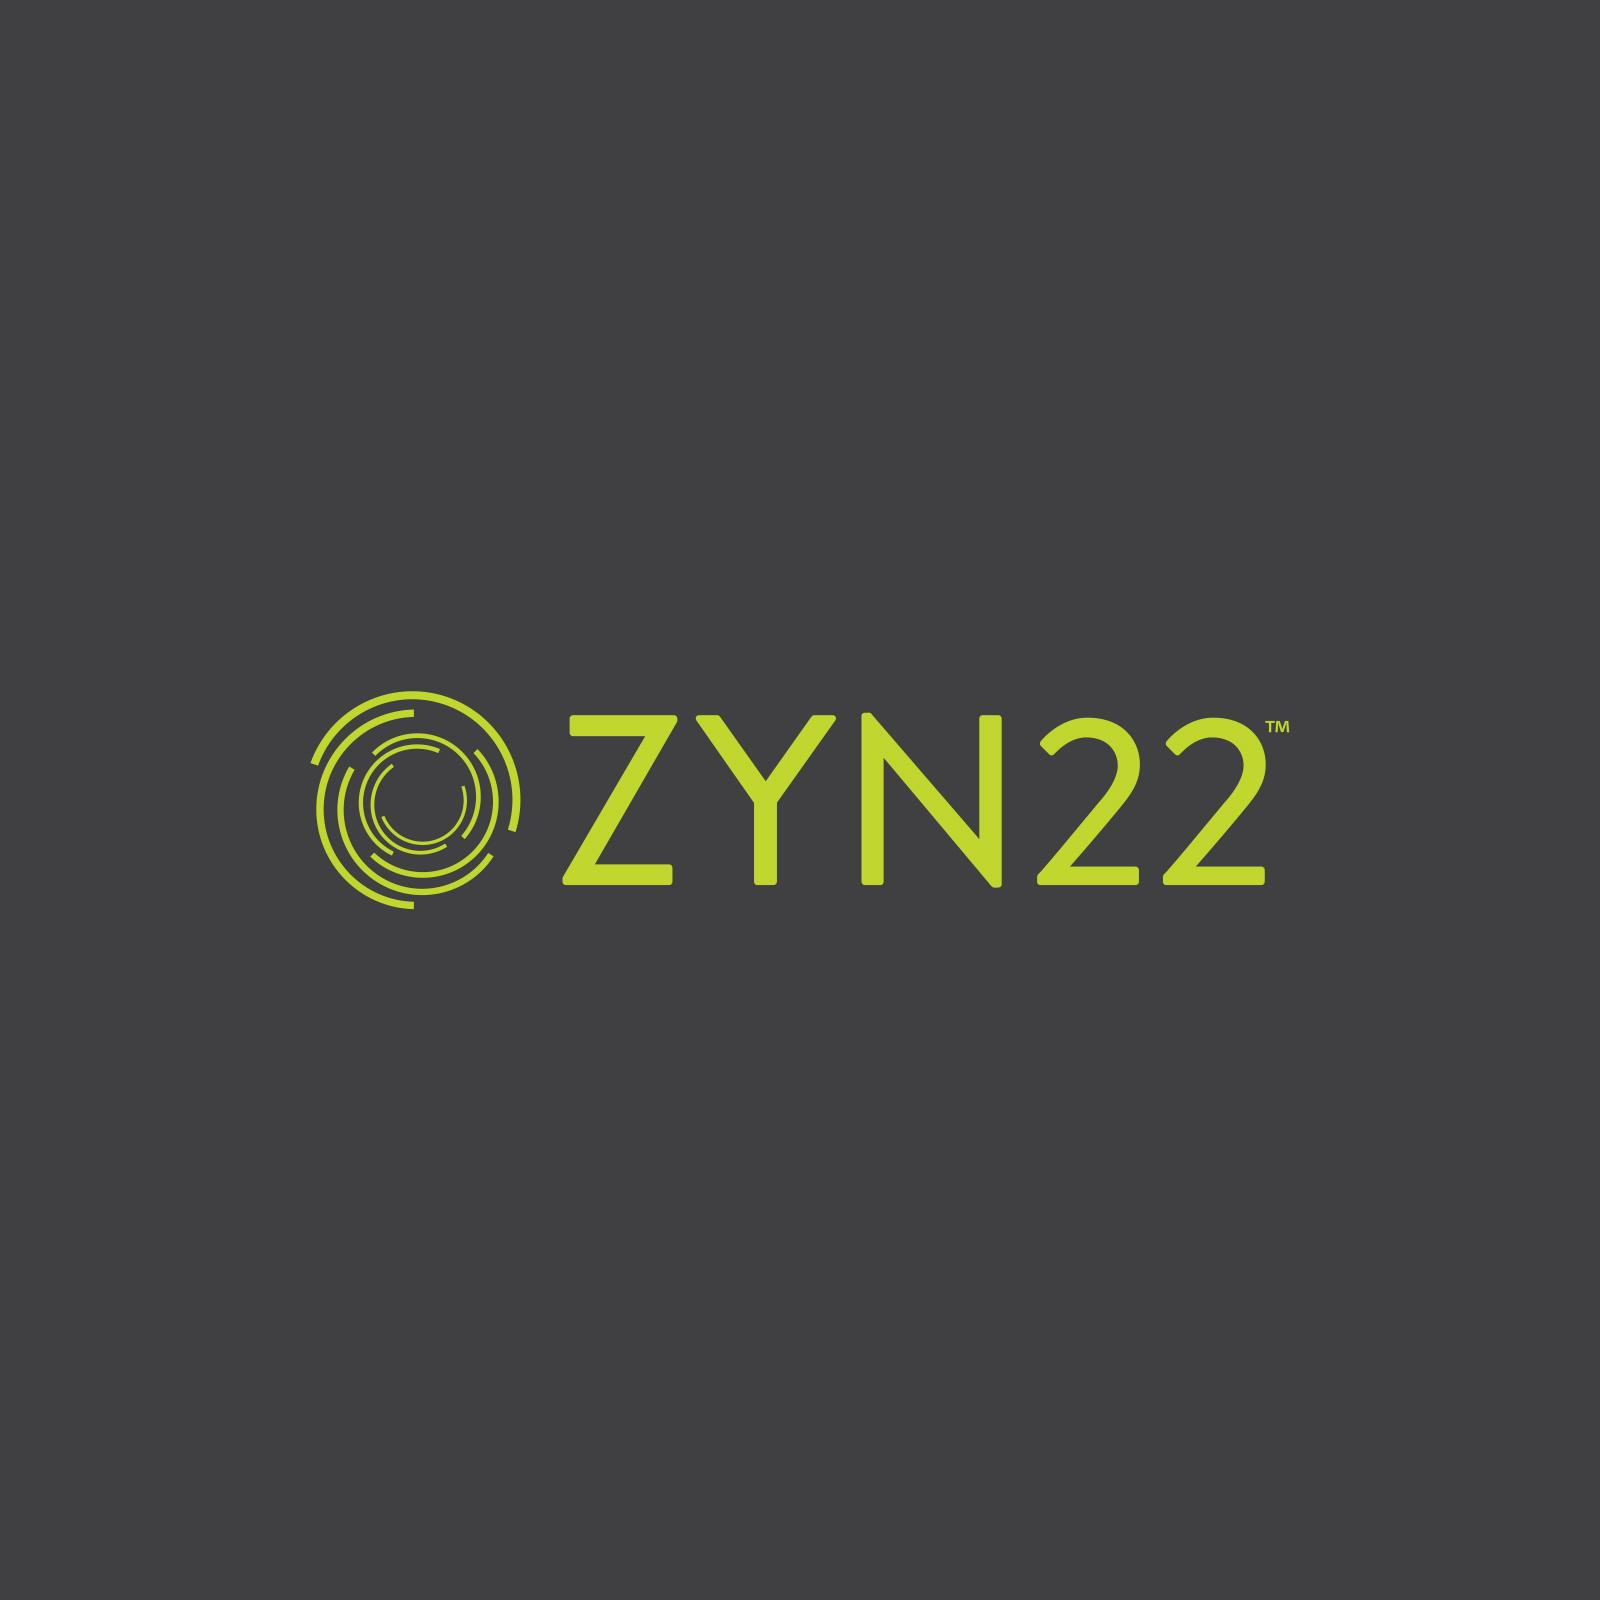 logo-ZYN22-03.jpg